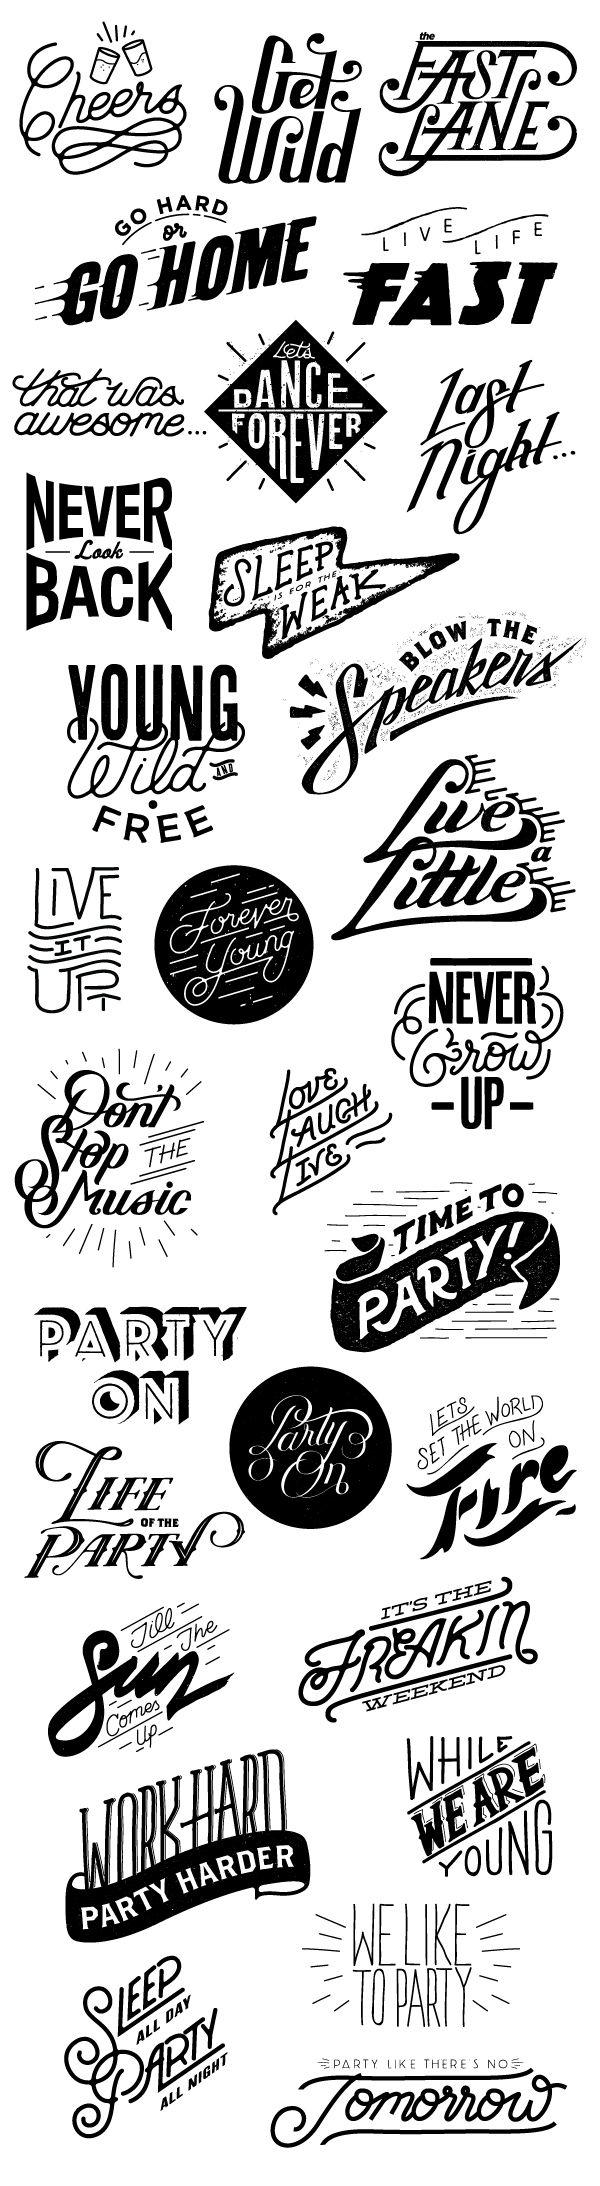 Studio Design App Lettering | Hand Lettering Inspiration via Behance